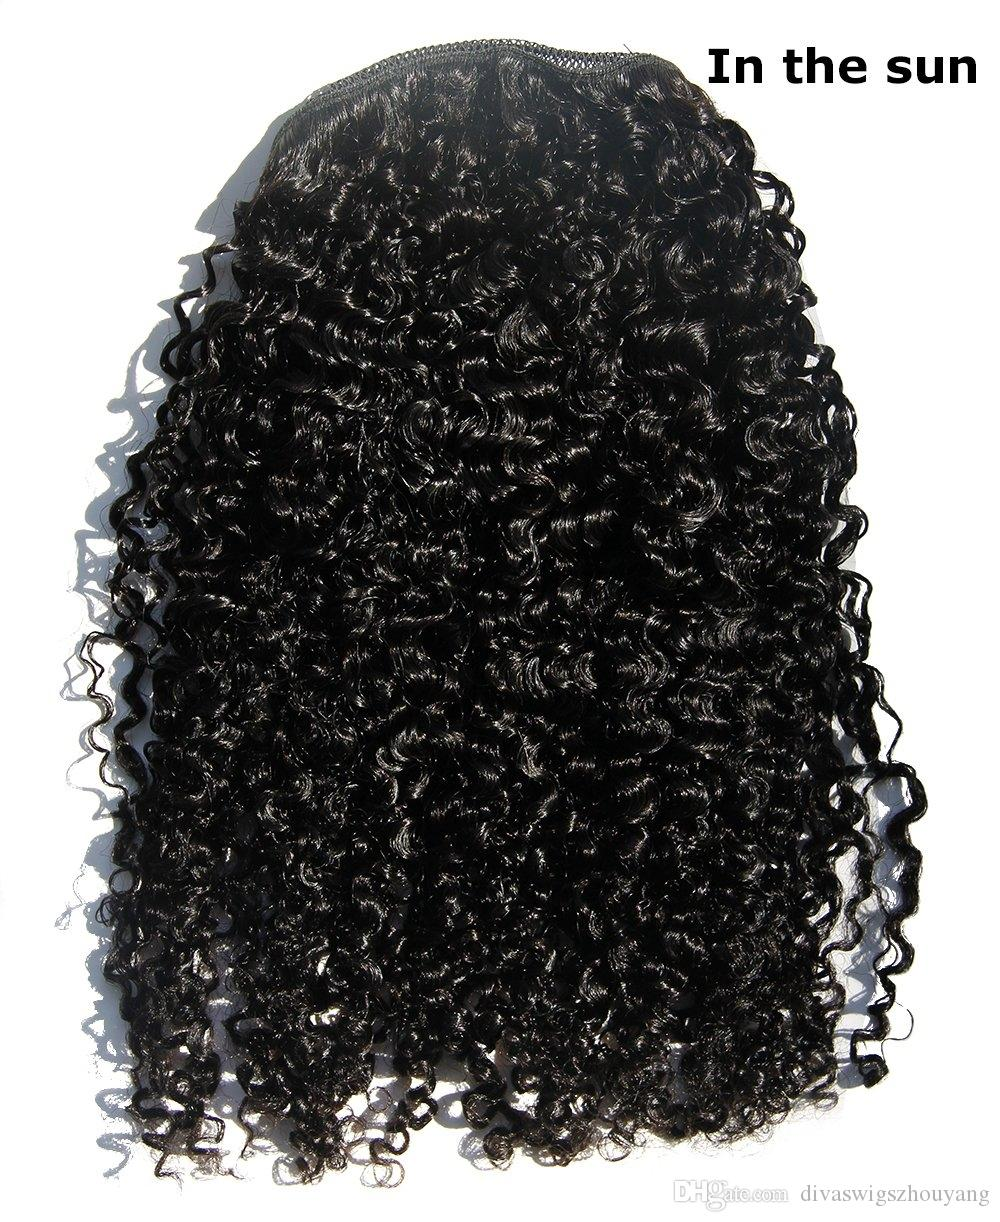 16inch Afro rizado rizado del cabello humano con cordón cola de caballo clip cola virgen 120g pelo de caballo brasileño para las mujeres negras